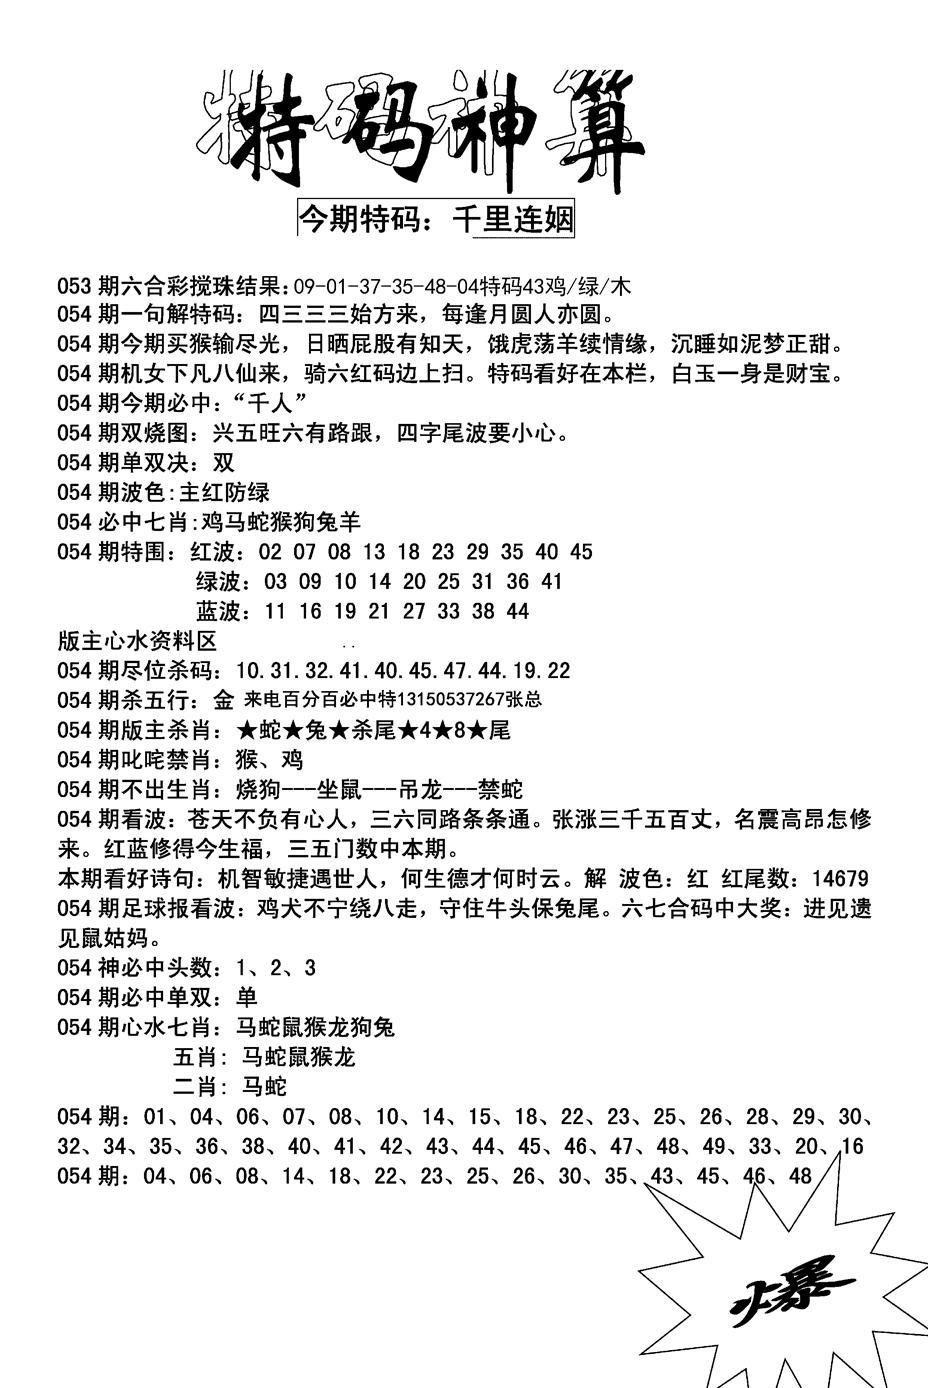 054期特码神算(黑白)